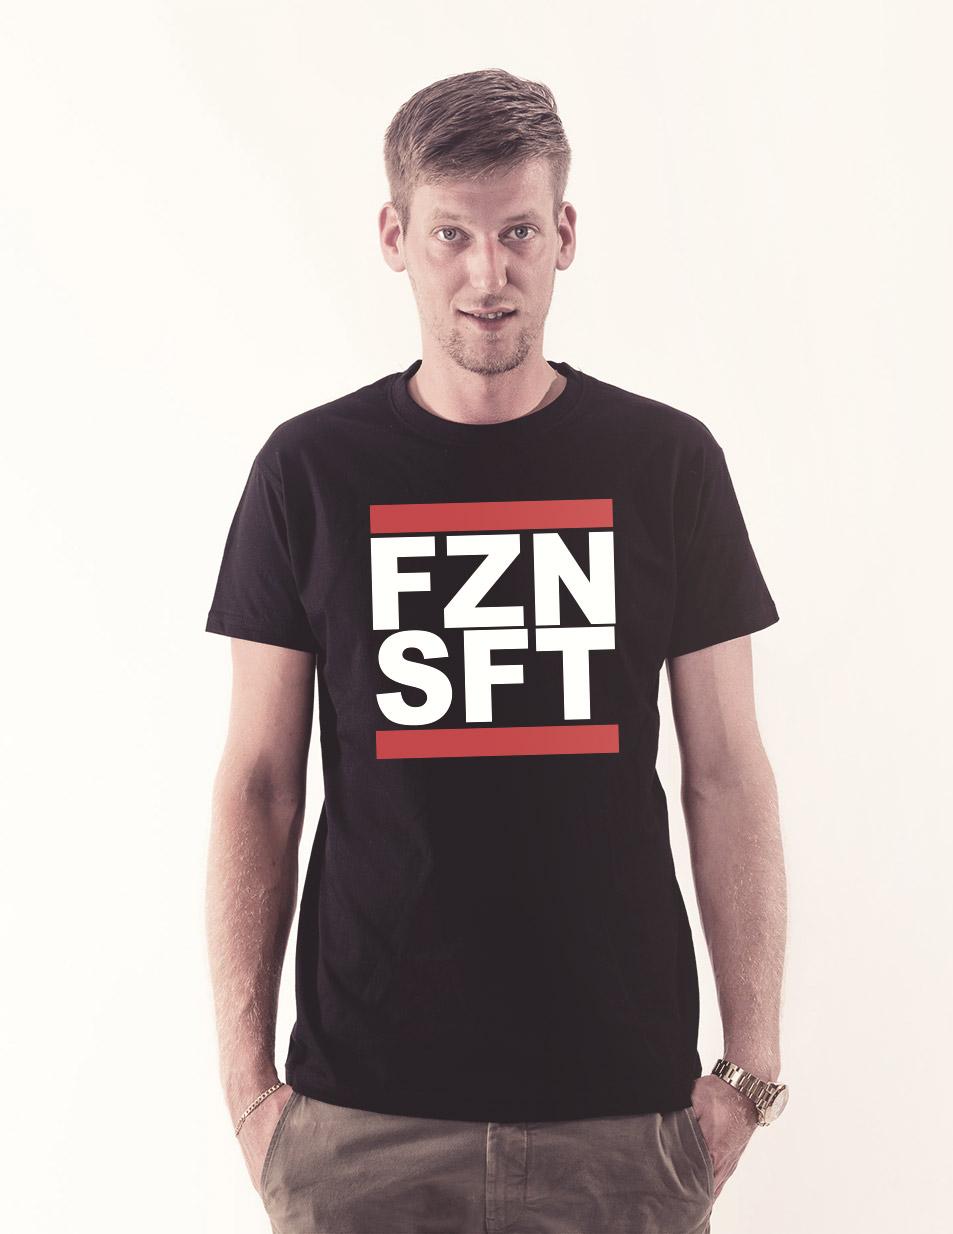 FZNSFT Shirt mehrfarbig auf schwarz